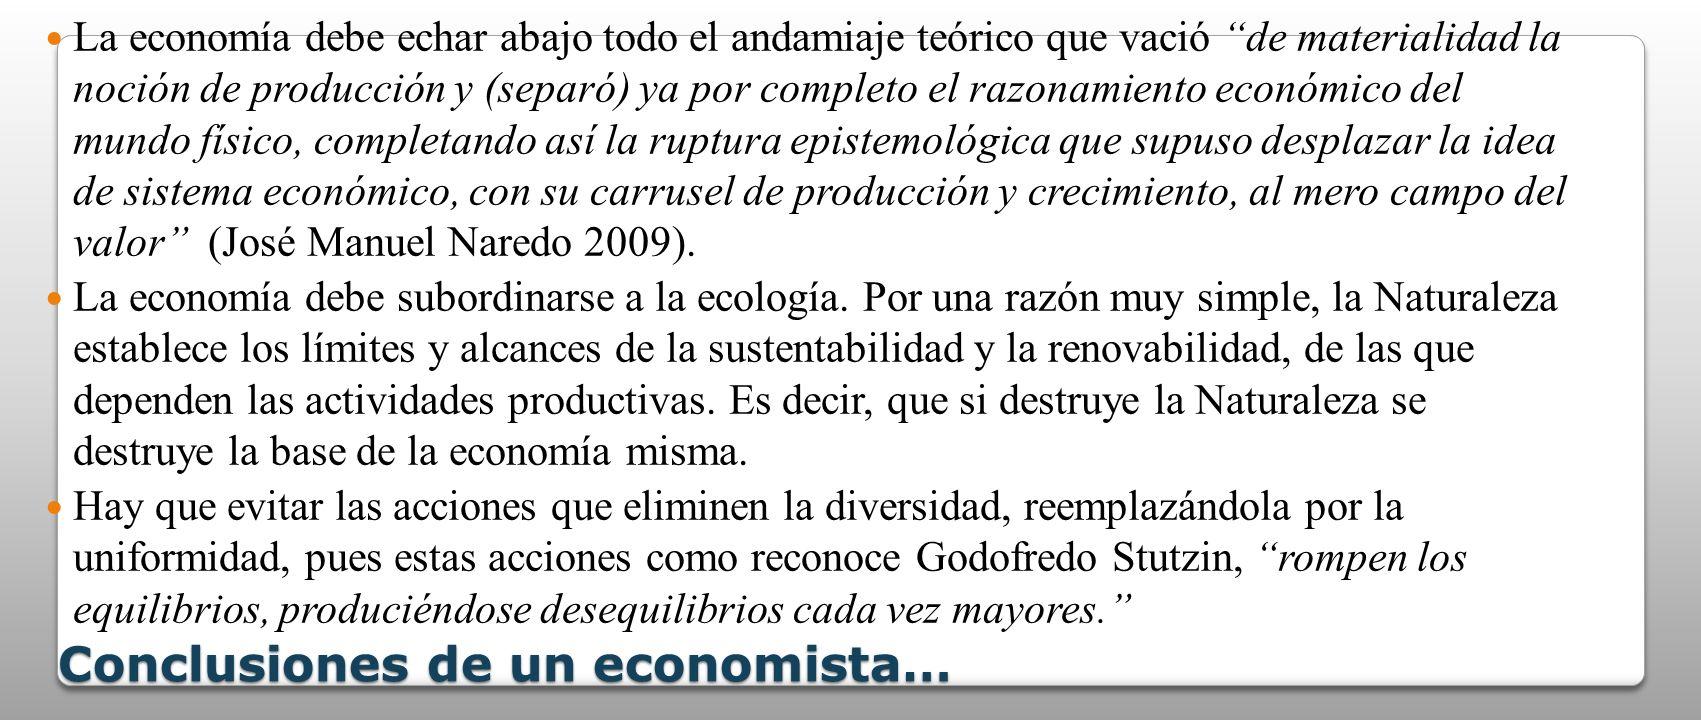 Conclusiones de un economista… La economía debe echar abajo todo el andamiaje teórico que vació de materialidad la noción de producción y (separó) ya